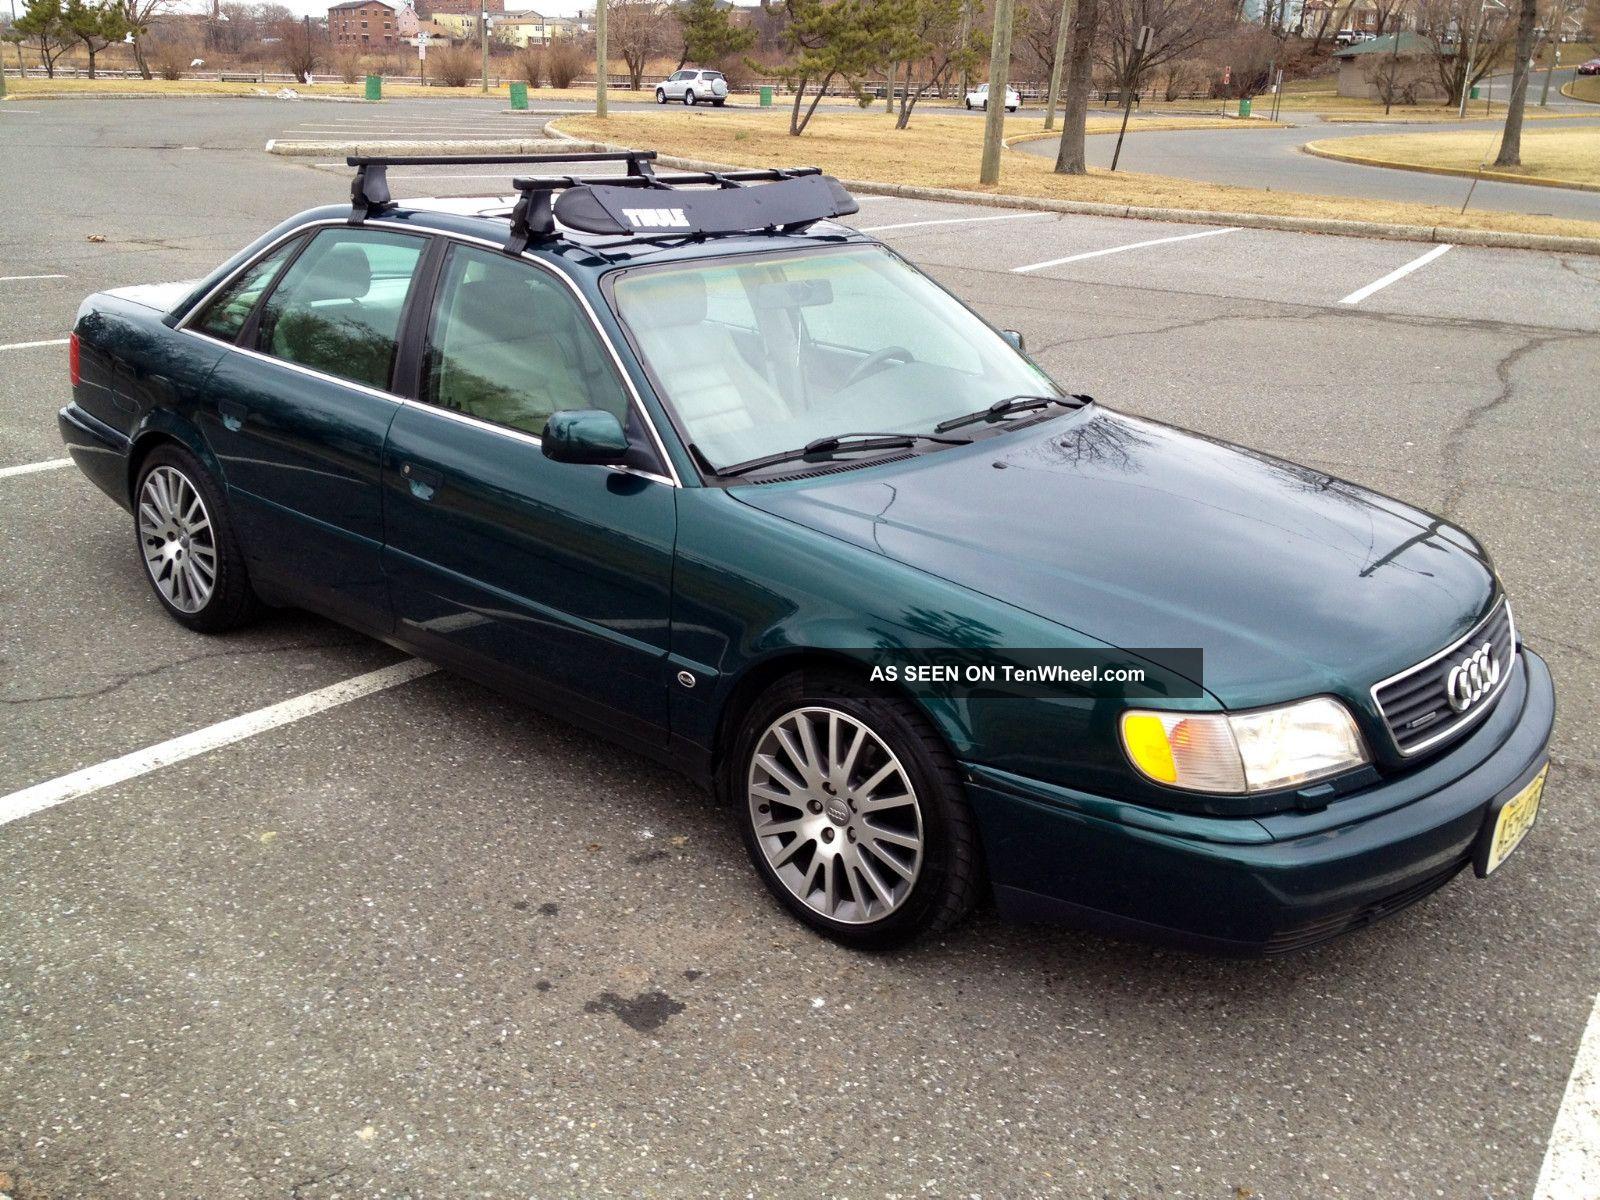 1996 Audi A6 Quattro V6 Automatic Green With Tan Interior